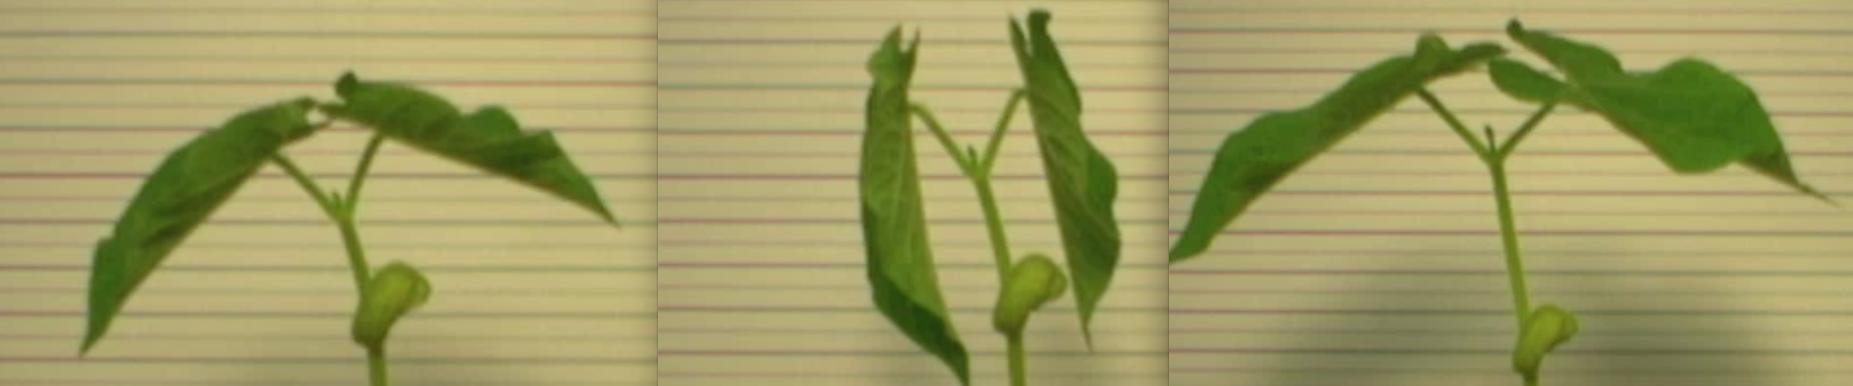 beans-oscillate